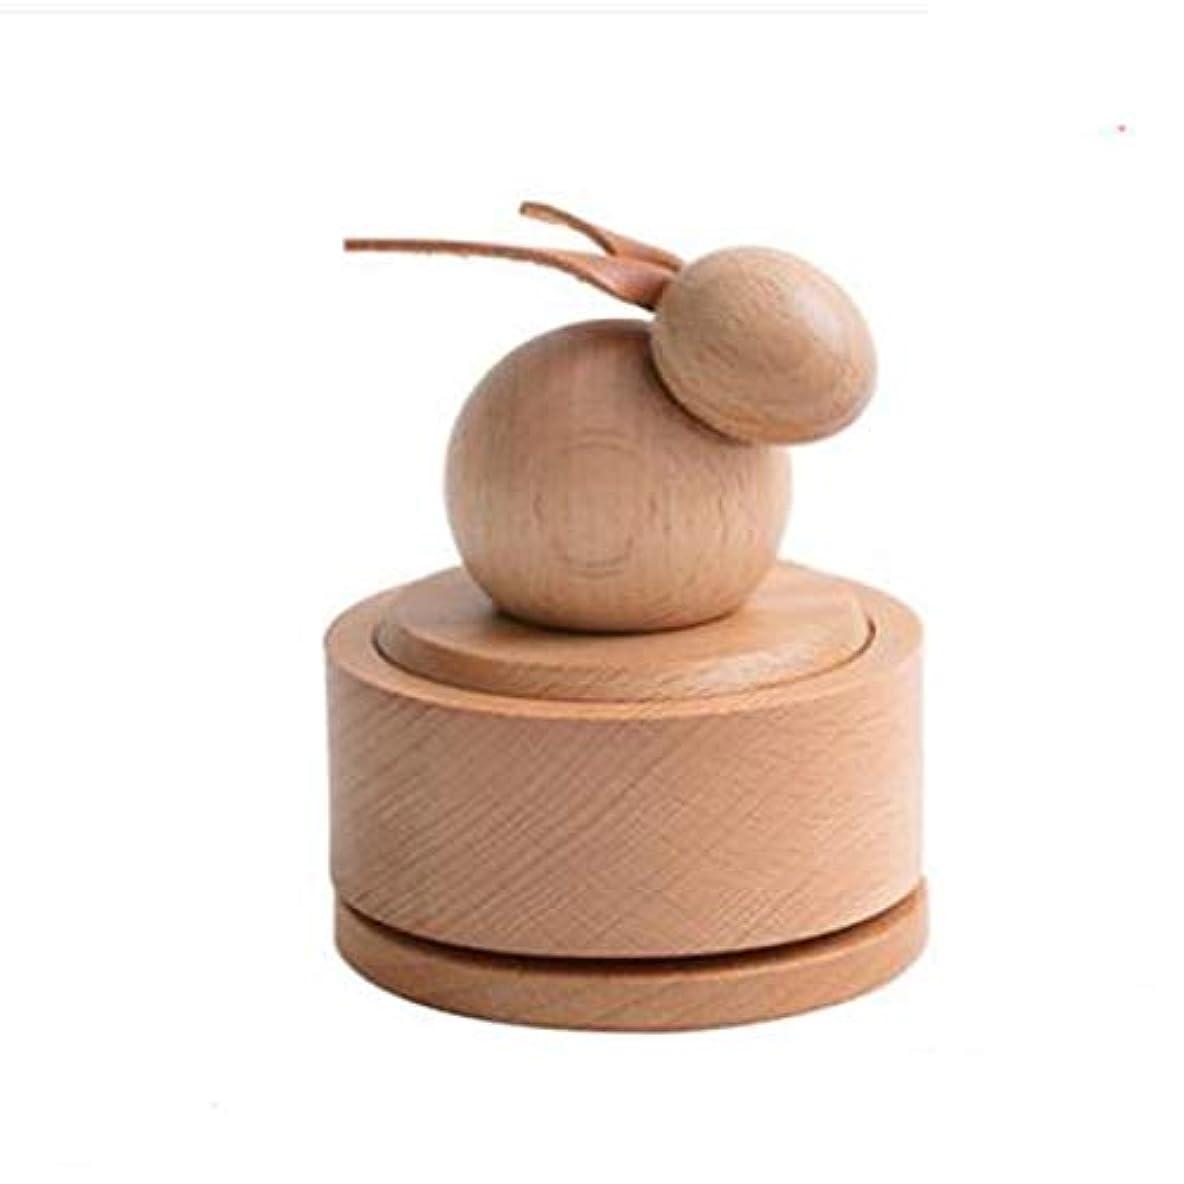 破壊的瀬戸際マイクロGaoxingbianlidian001 ギフト豚オルゴールスカイシティオルゴール木製回転クリエイティブ送信女の子カップル誕生日ギフト,楽しいホリデーギフト (Style : Rabbit)